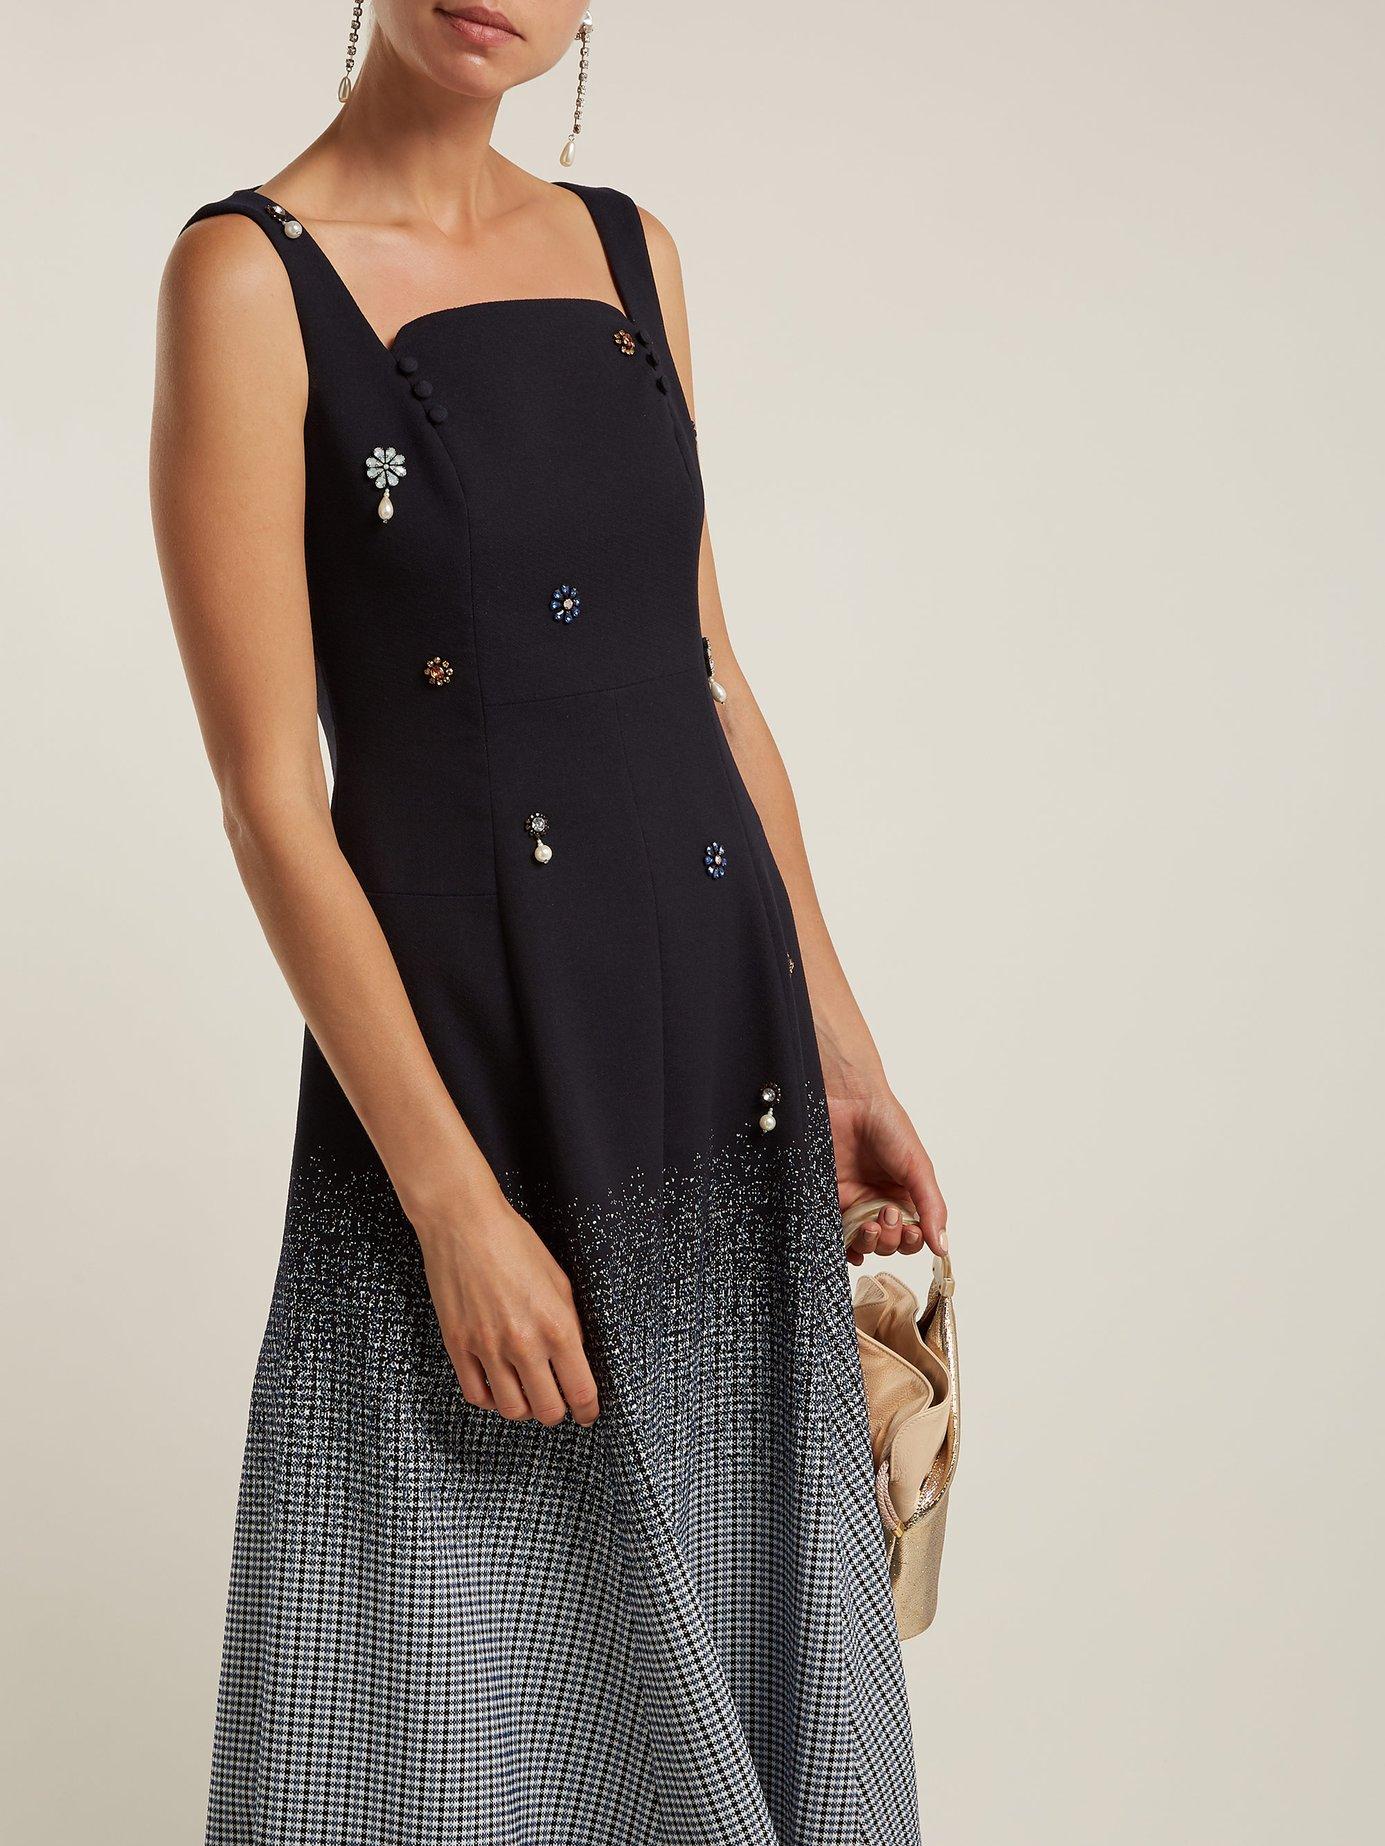 Polly crystal-embellished cotton-blend dress by Erdem